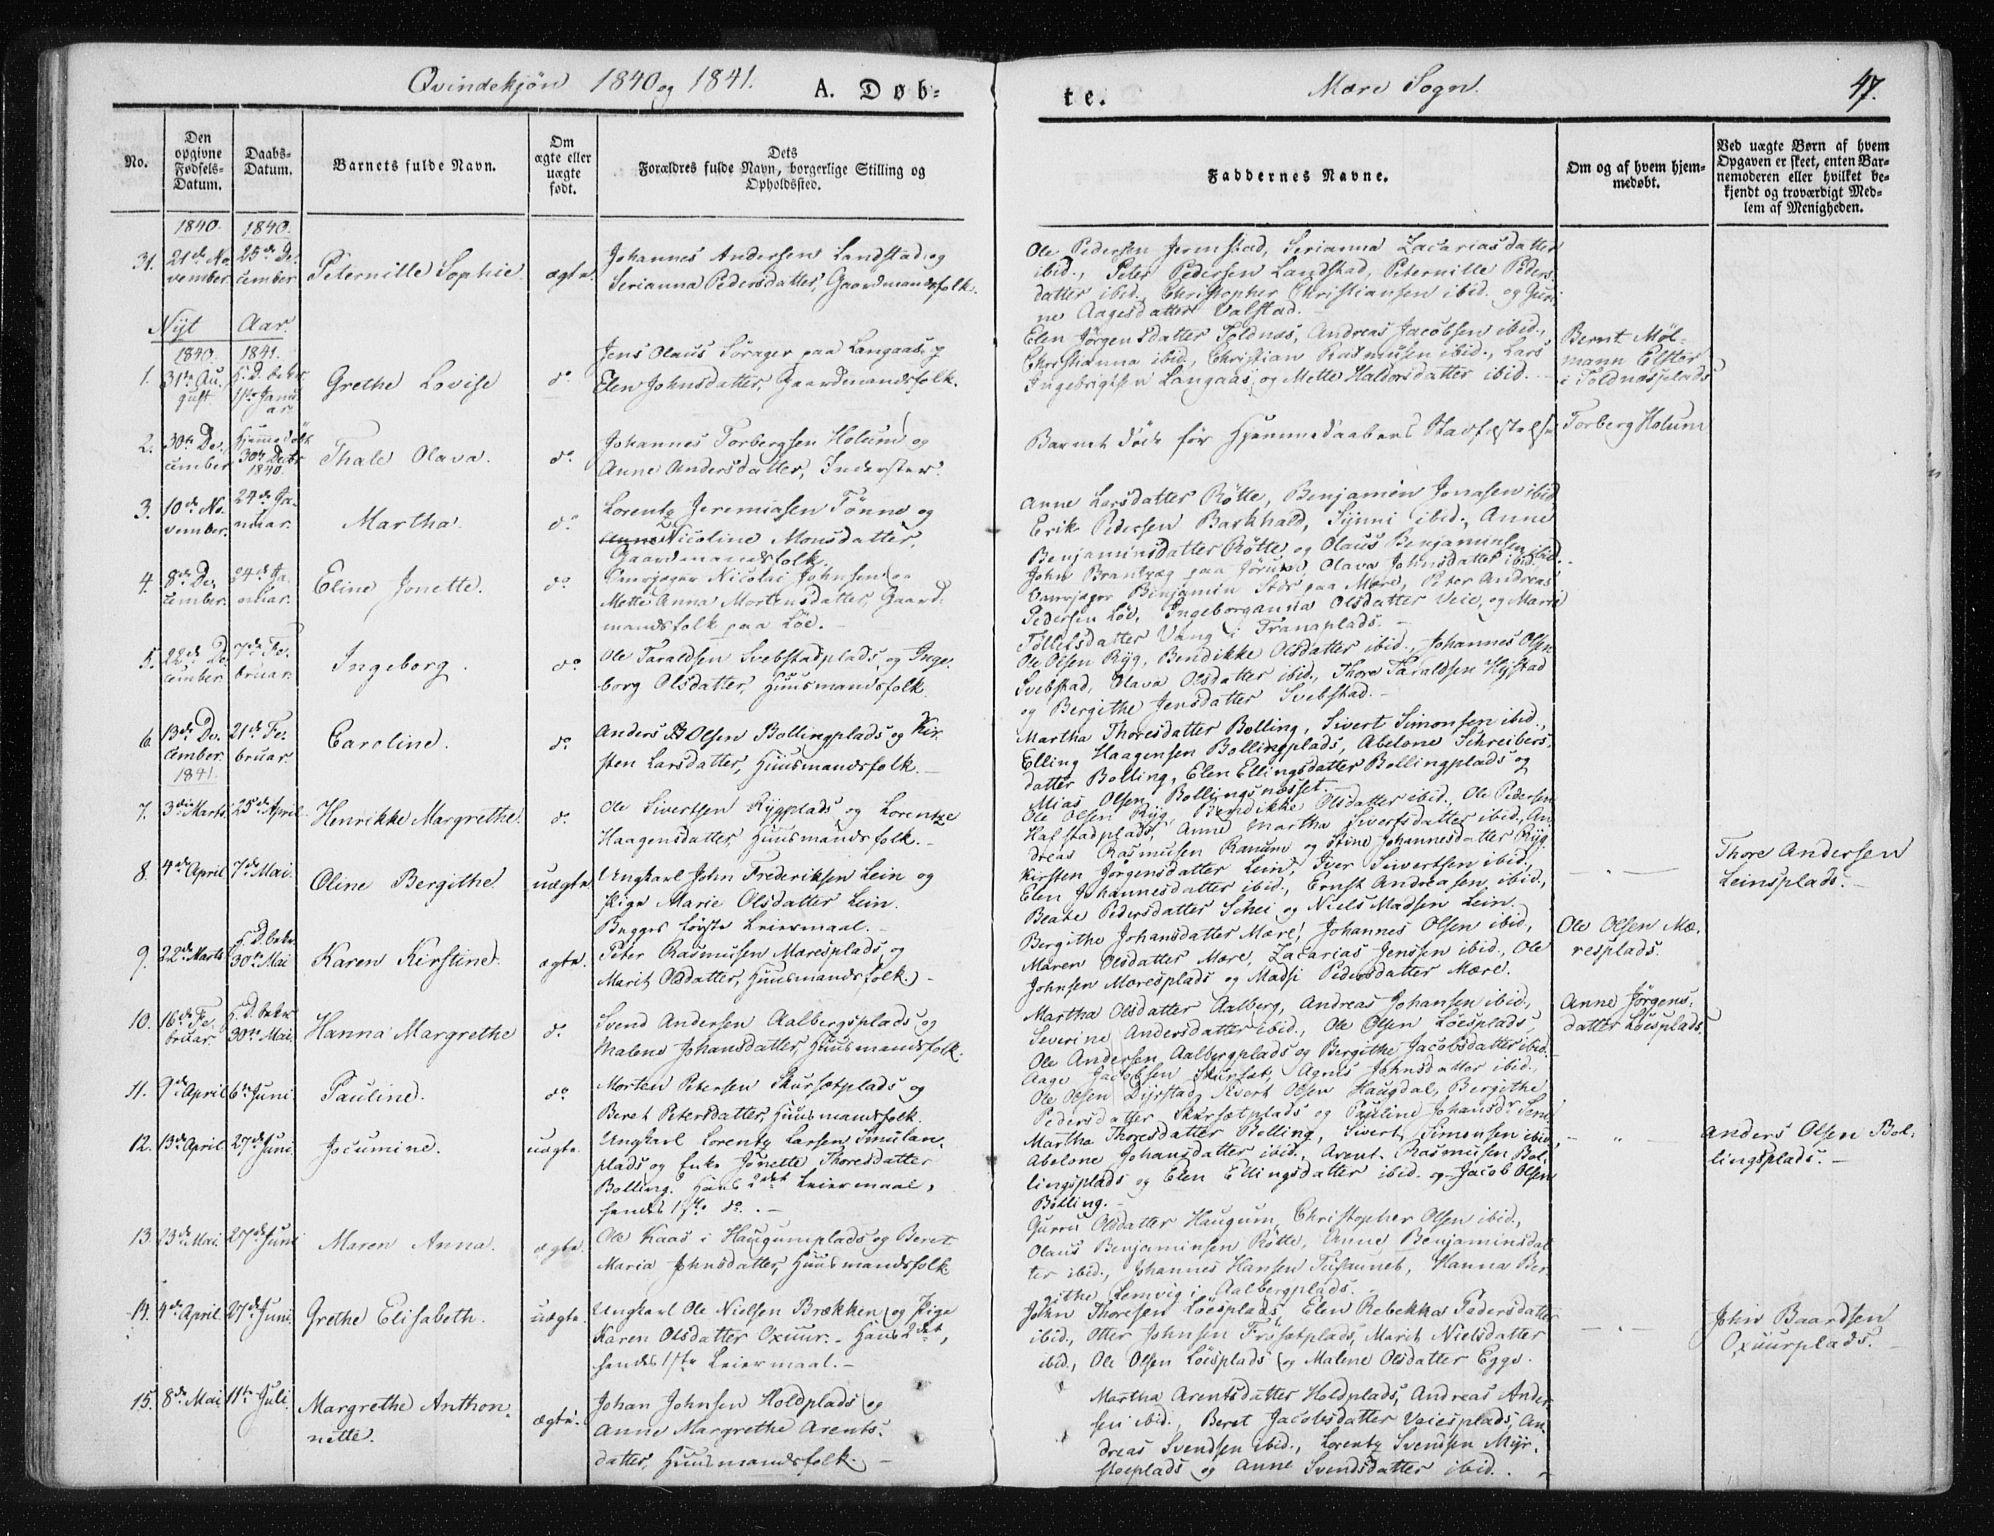 SAT, Ministerialprotokoller, klokkerbøker og fødselsregistre - Nord-Trøndelag, 735/L0339: Ministerialbok nr. 735A06 /1, 1836-1848, s. 47